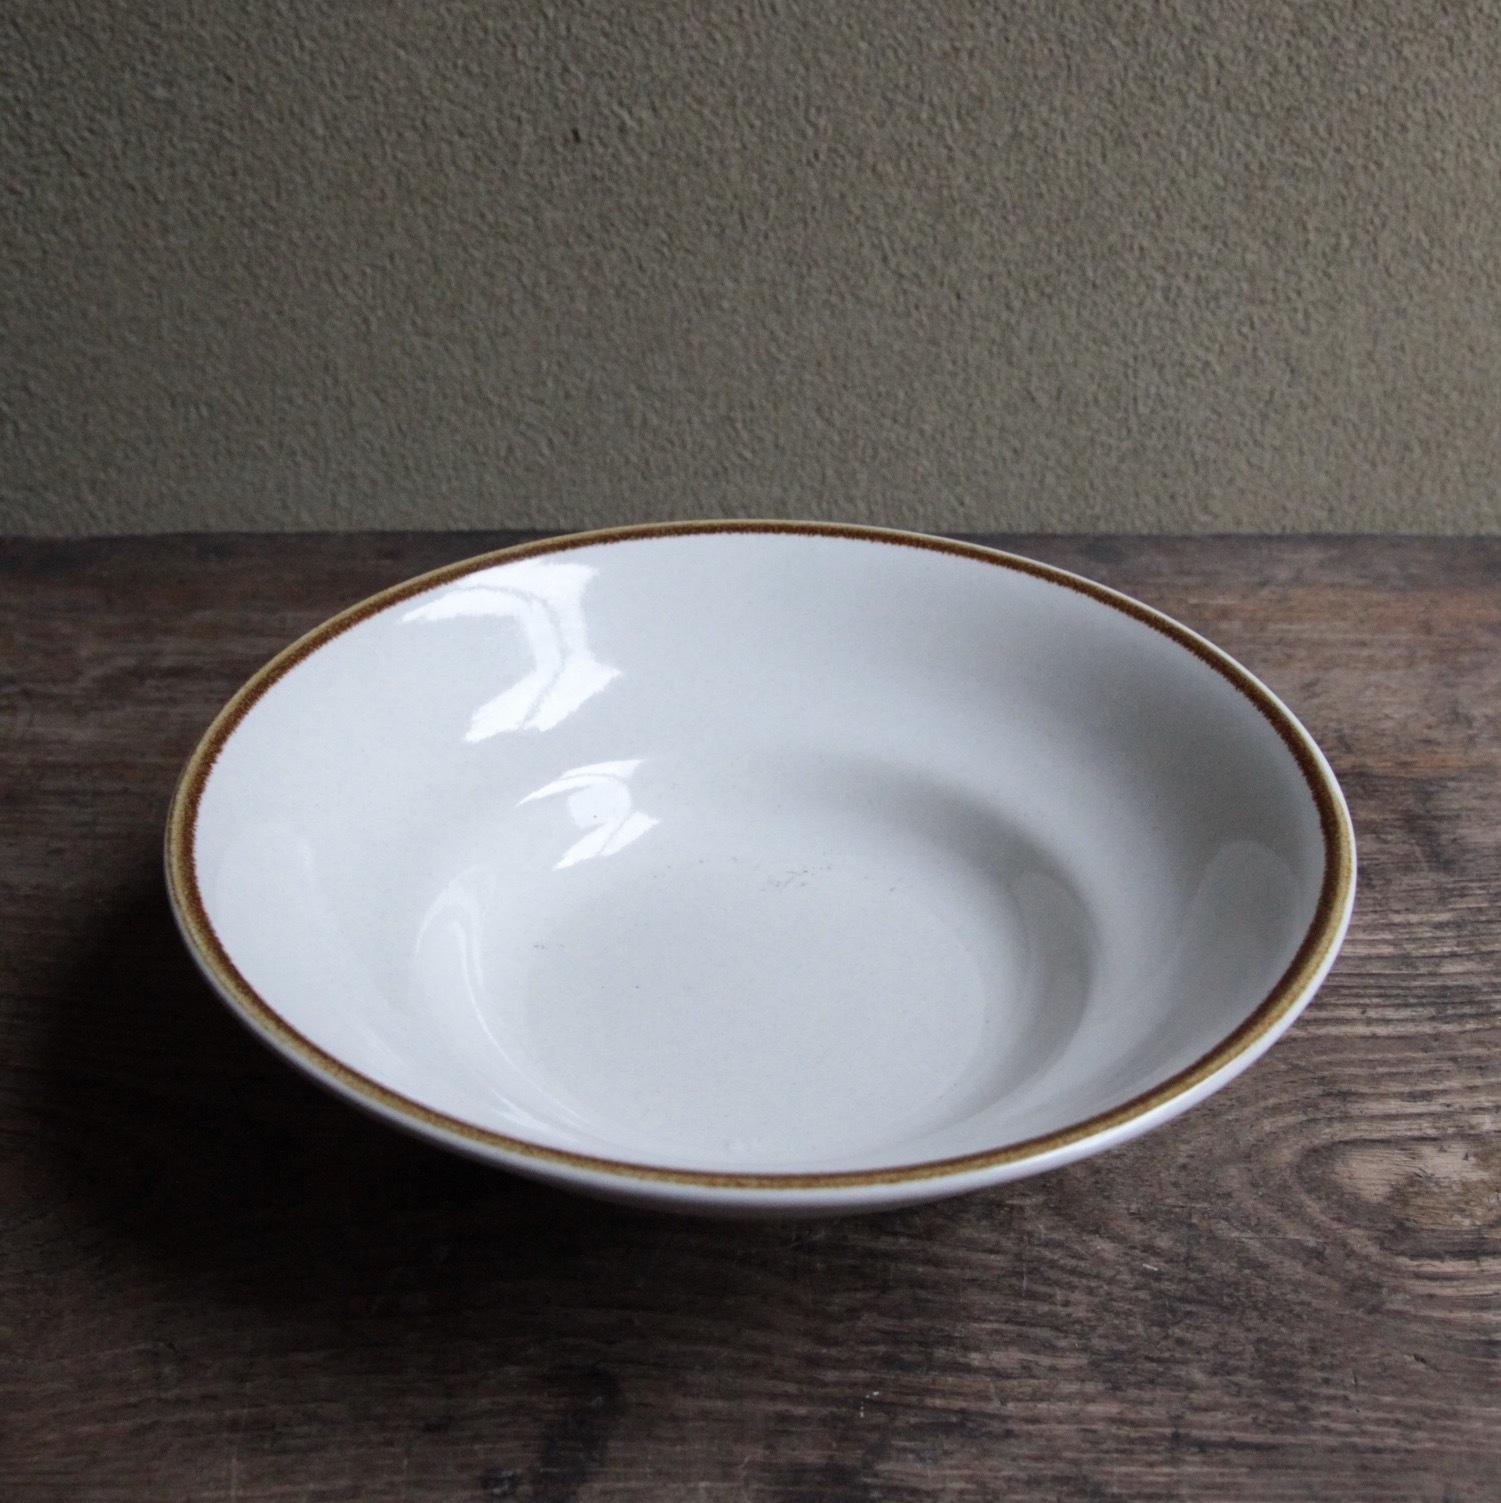 MIKASA ブラウンラインのボウル皿 在庫4枚